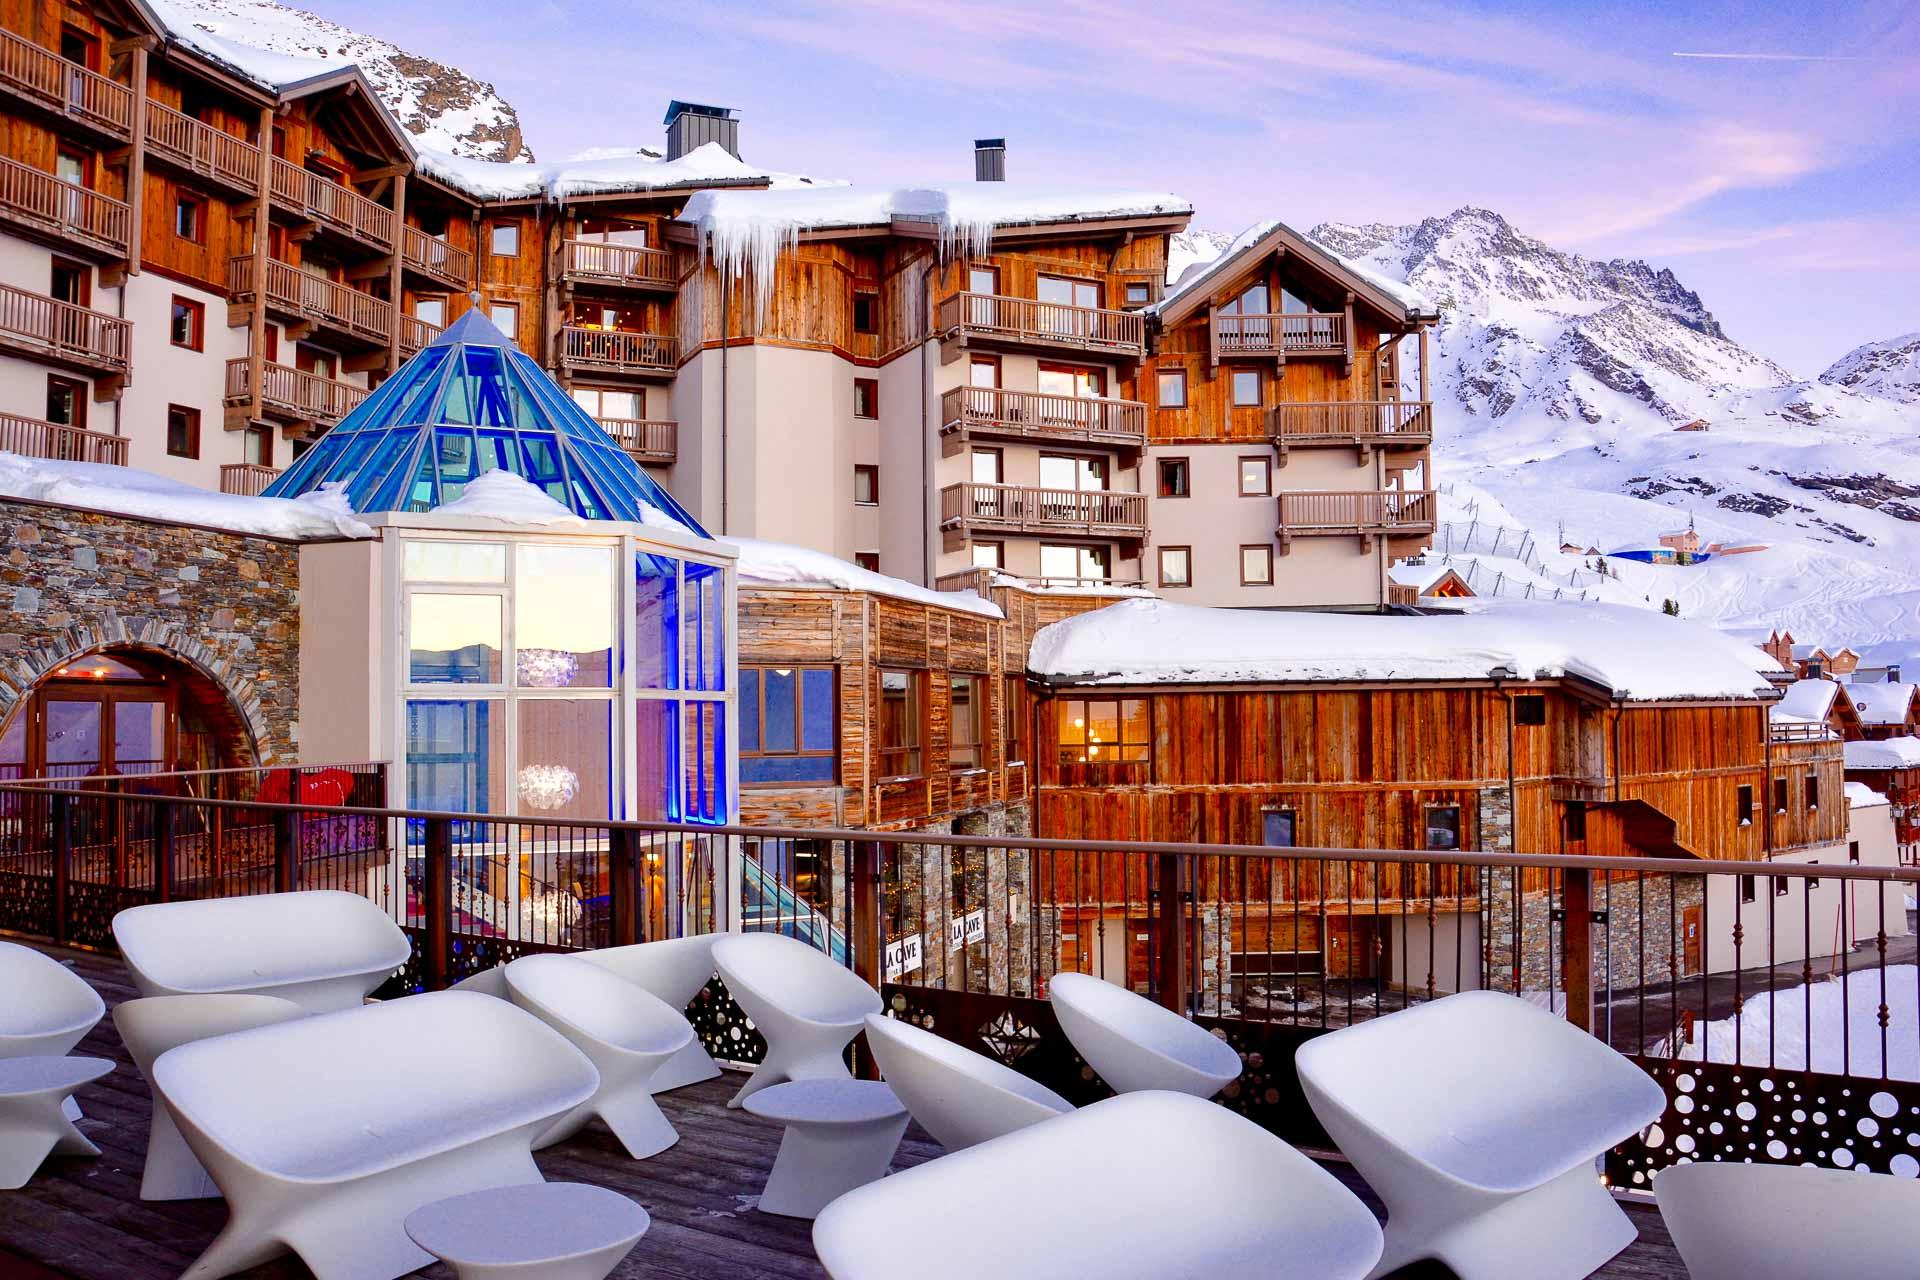 Perché à 2,300 mètres d'altitude, le Koh-I Nor est l'un des plus hauts hôtels de montagne d'Europe. Élu